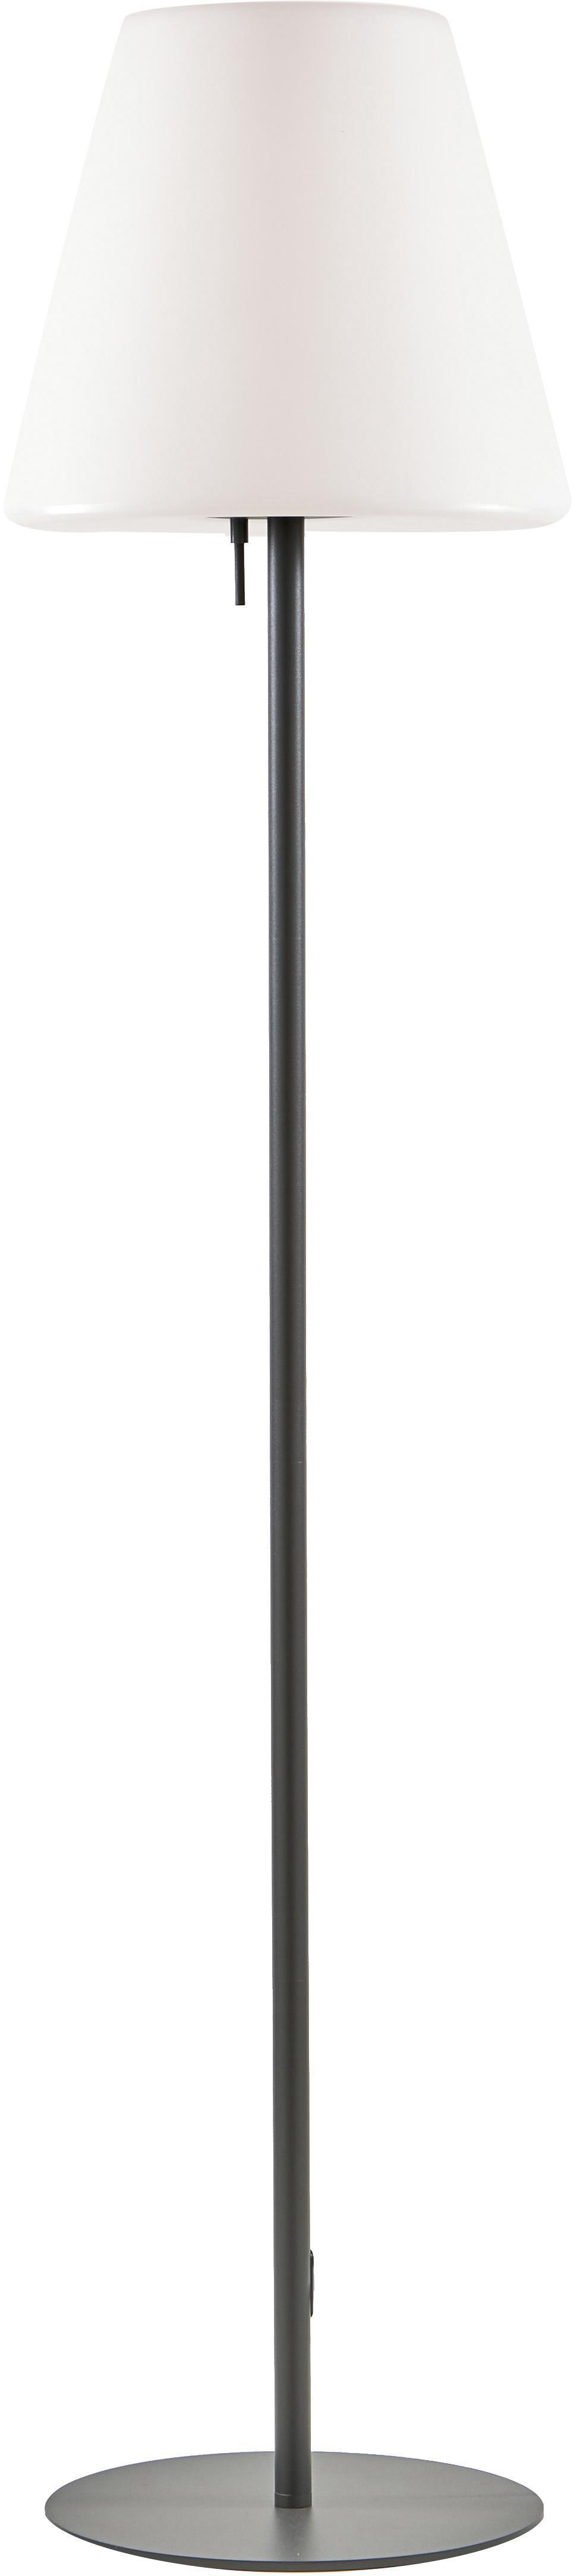 Mobile Außenstehleuchte Gaze, Lampenschirm: Kunststoff, Lampenfuß: Aluminium, eloxiert, Lampenschirm: WeißLampenfuß: Dunkelgrau, Ø 35 x H 150 cm